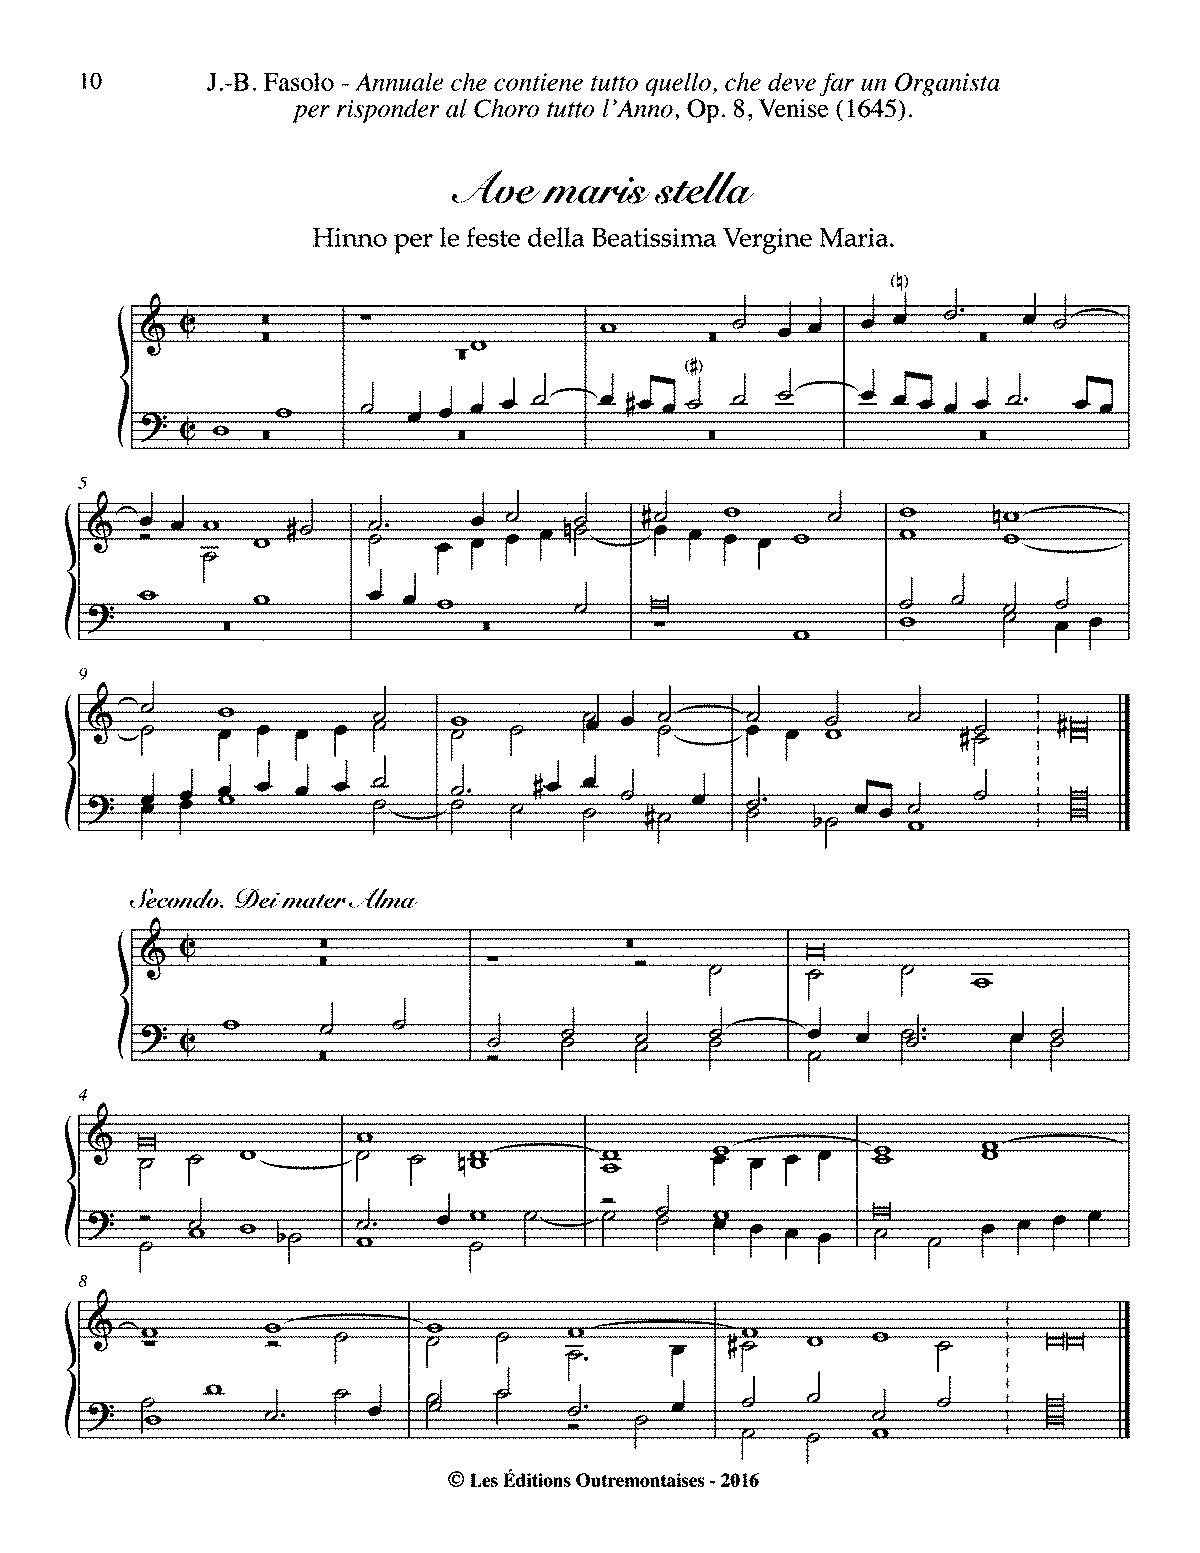 Ave maris stella, Op 8 No 3 (Fasolo, Giovanni Battista